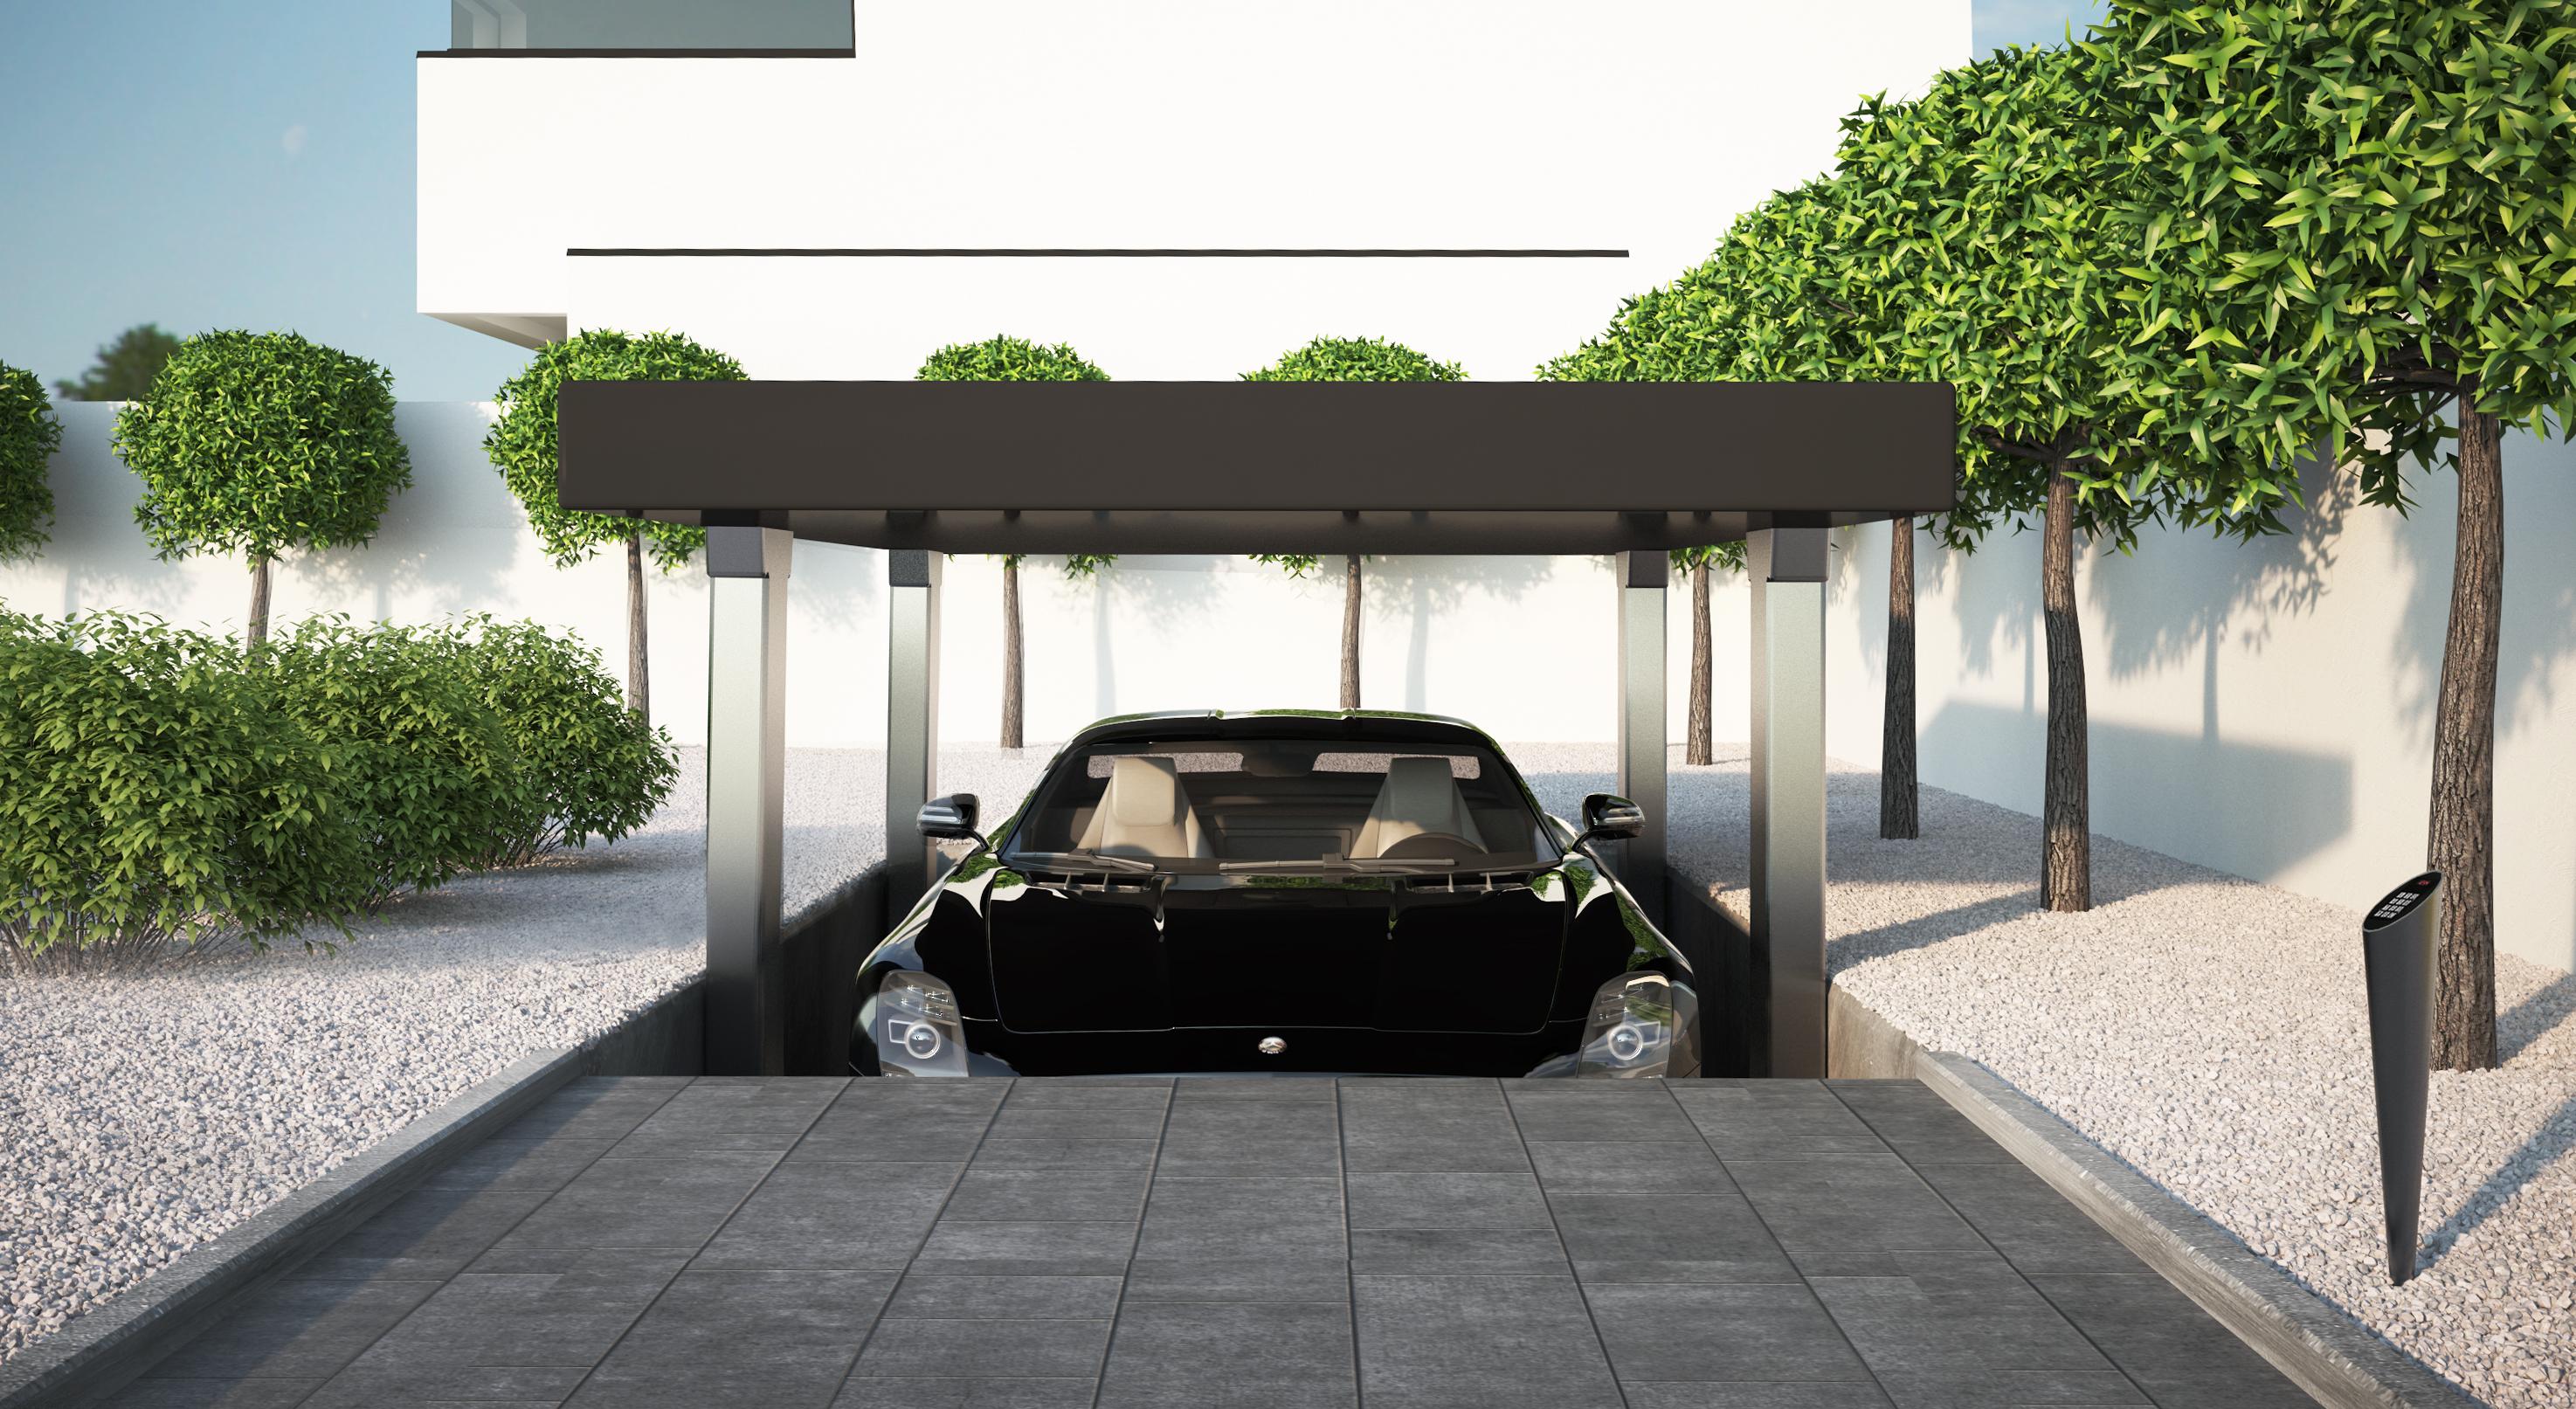 Systemy parkingowe MODULO w hotelu w Sopocie